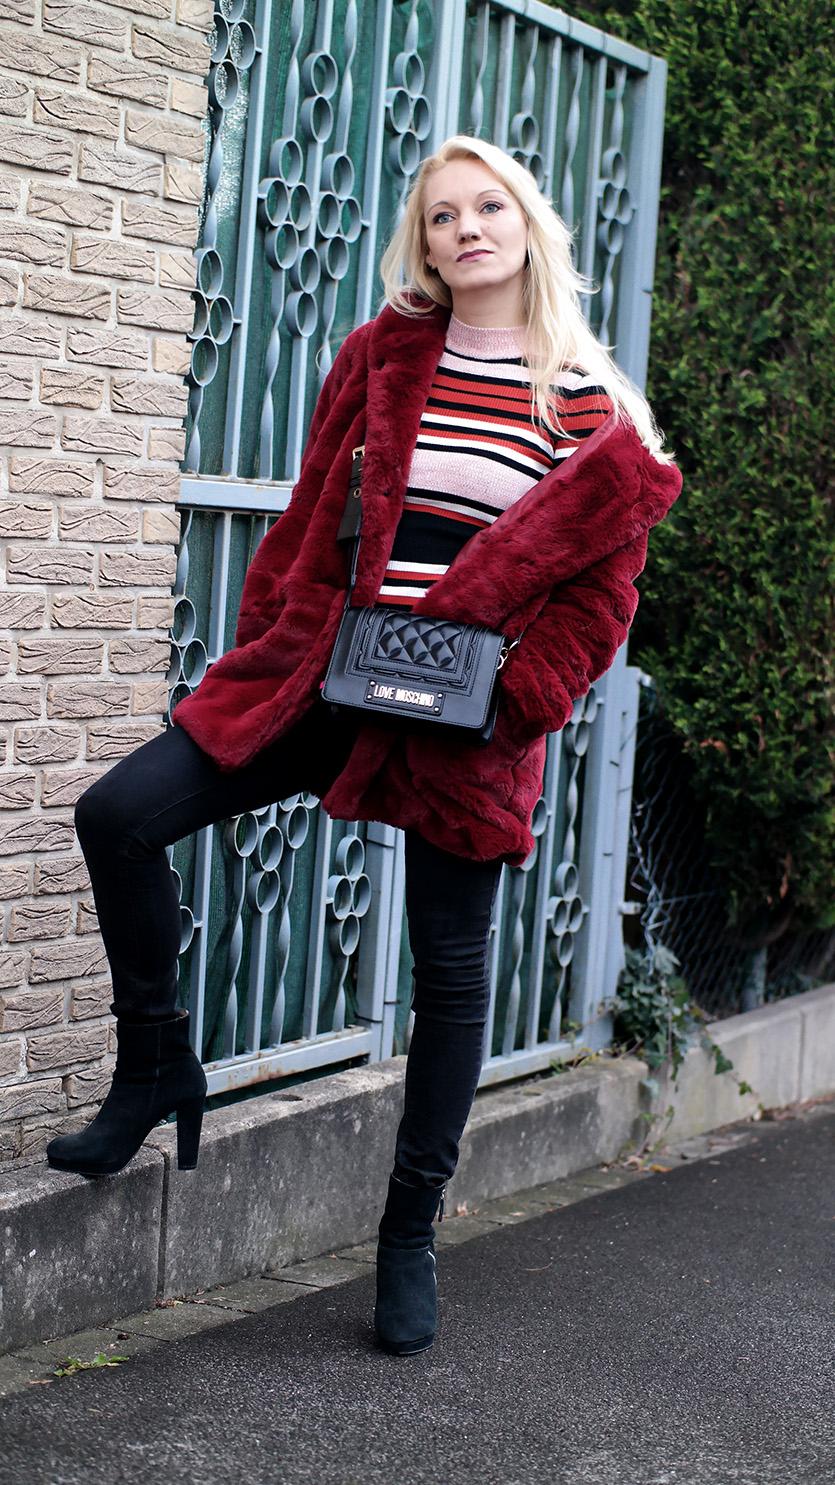 Was tun, wenn einem der Winter trist & langweilig erscheint? Ganz einfach: Sich ein paar kuschelige Klamotten wie etwa dieser Fellmantel in Signalfarbe Rot zulegen und schon wird es einem im Winter alles andere als langweilig | Hot Port Life & Style | 30+ Fashion & Trends Blog